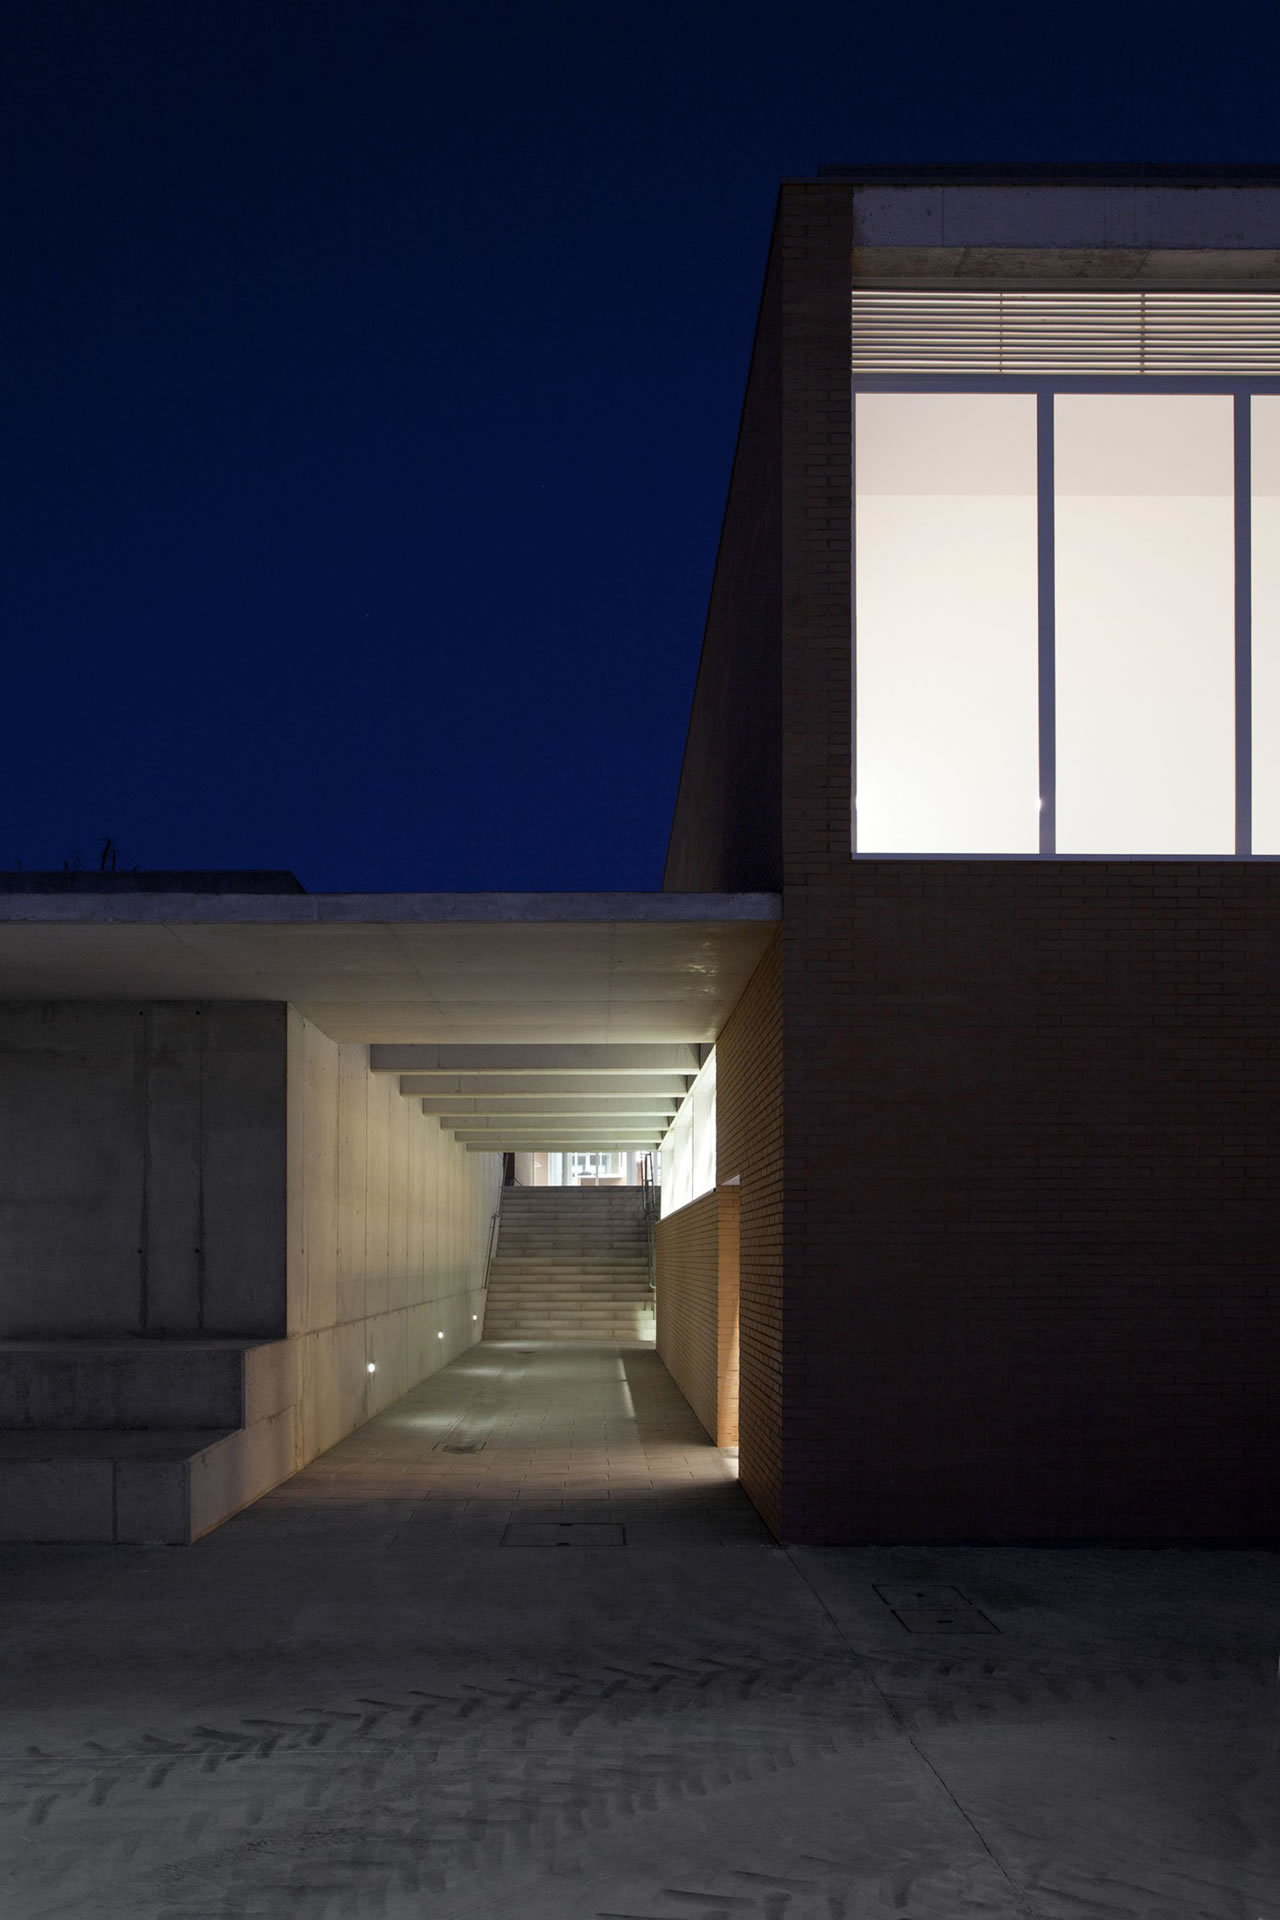 Colegio de Educación Infantil y Primaria Nº52 - Fernandez Soler Monrabal Arquitectos